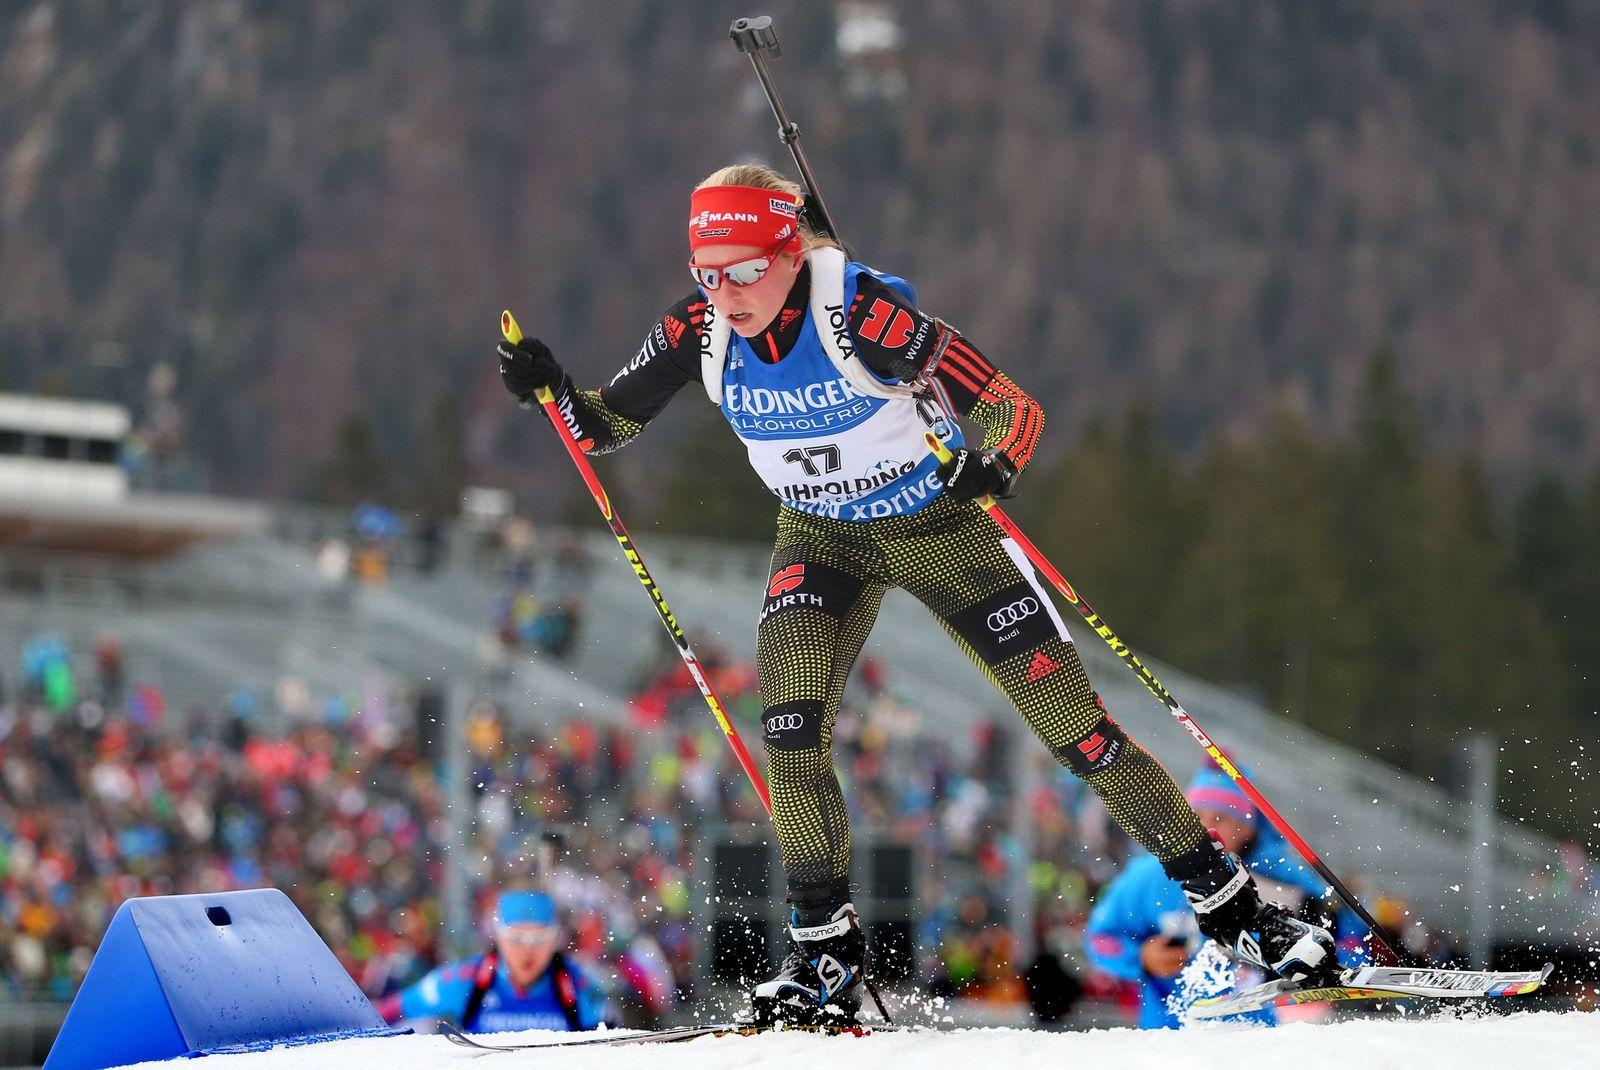 Biathlon Weltcup in Ruhpolding: 7,5 km Sprint Frauen